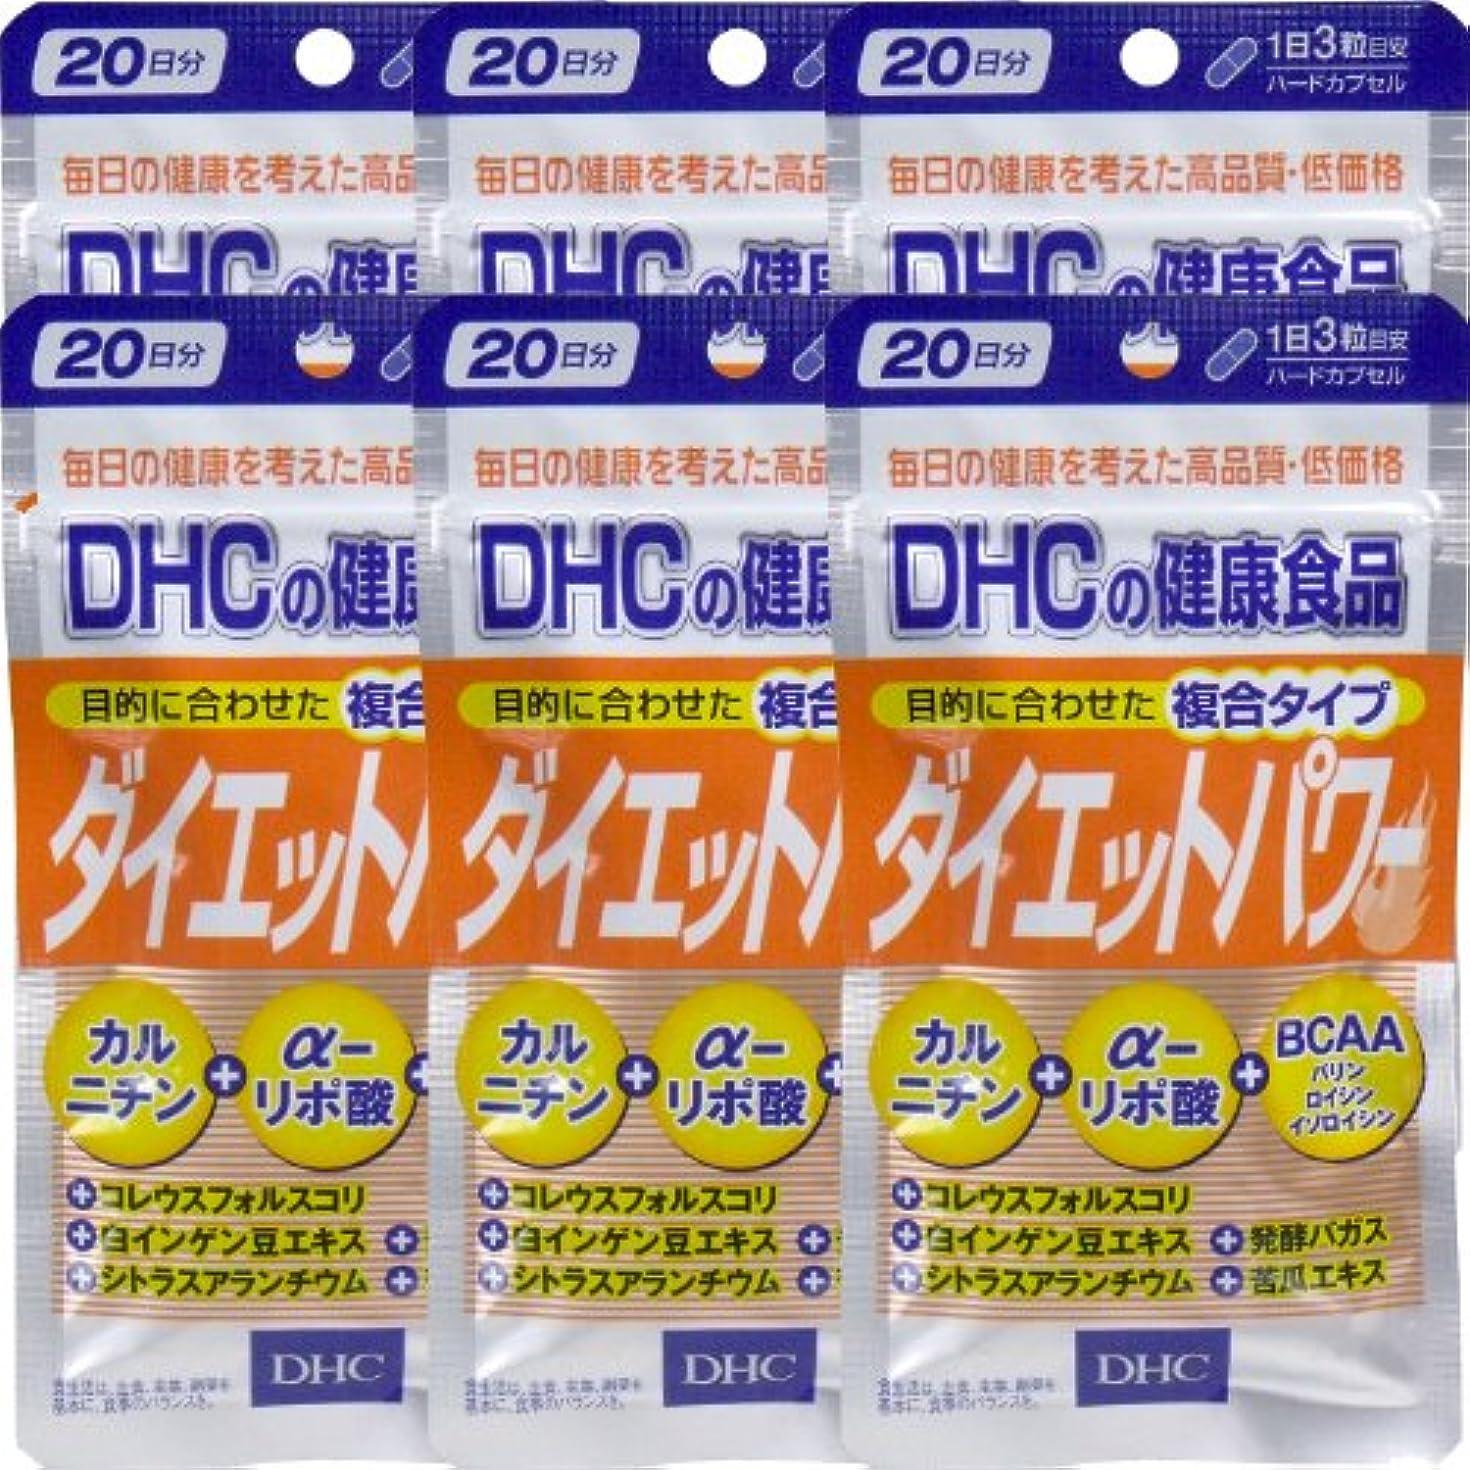 ポット傾いた舞い上がるDHC ダイエットパワー 20日分(60粒) ×6個